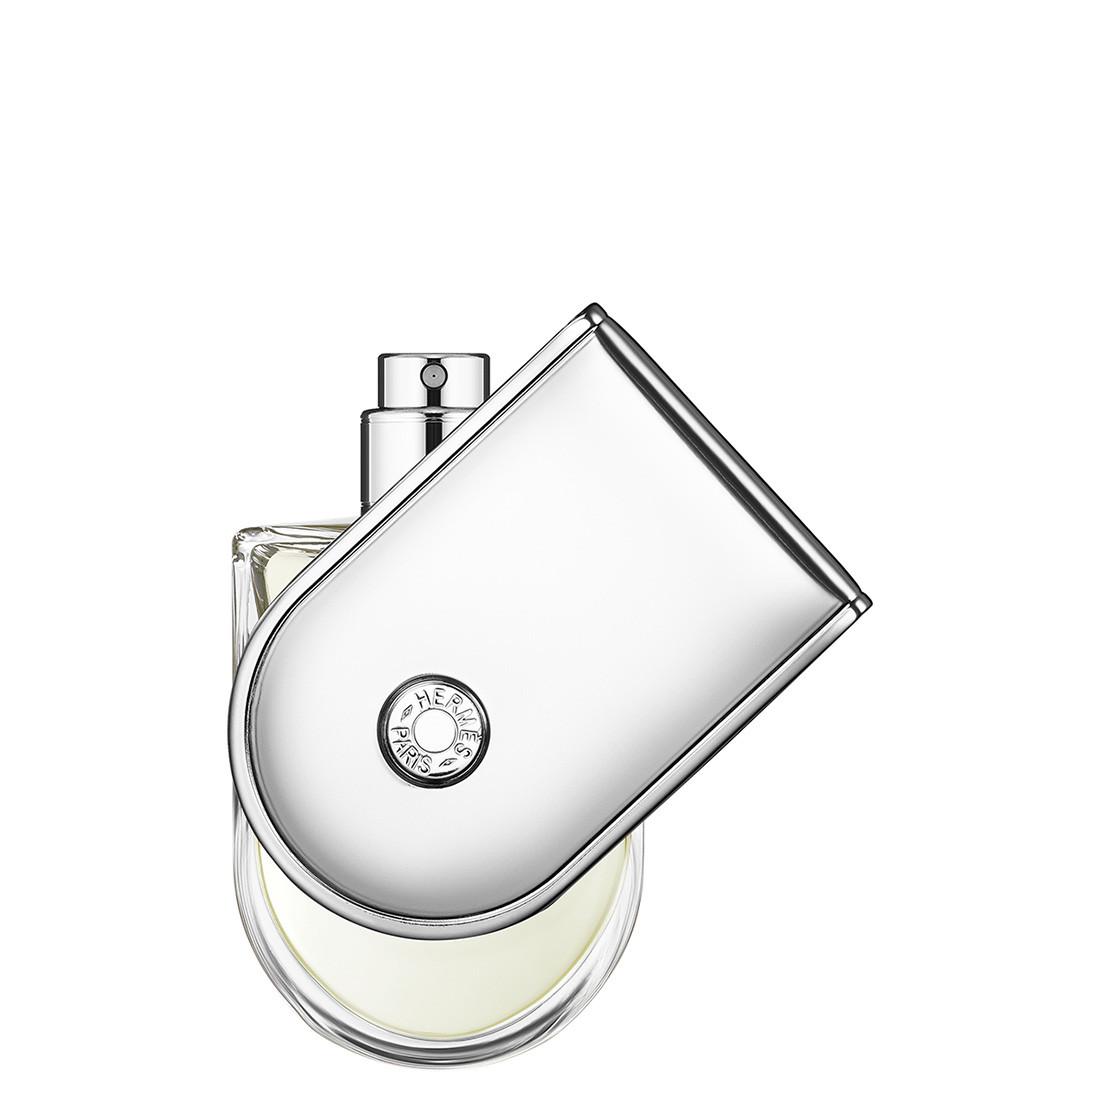 HERMÈS - Voyage d'Hermès Refillable Eau de Toilette - Eau de Toilette Refillable Spray